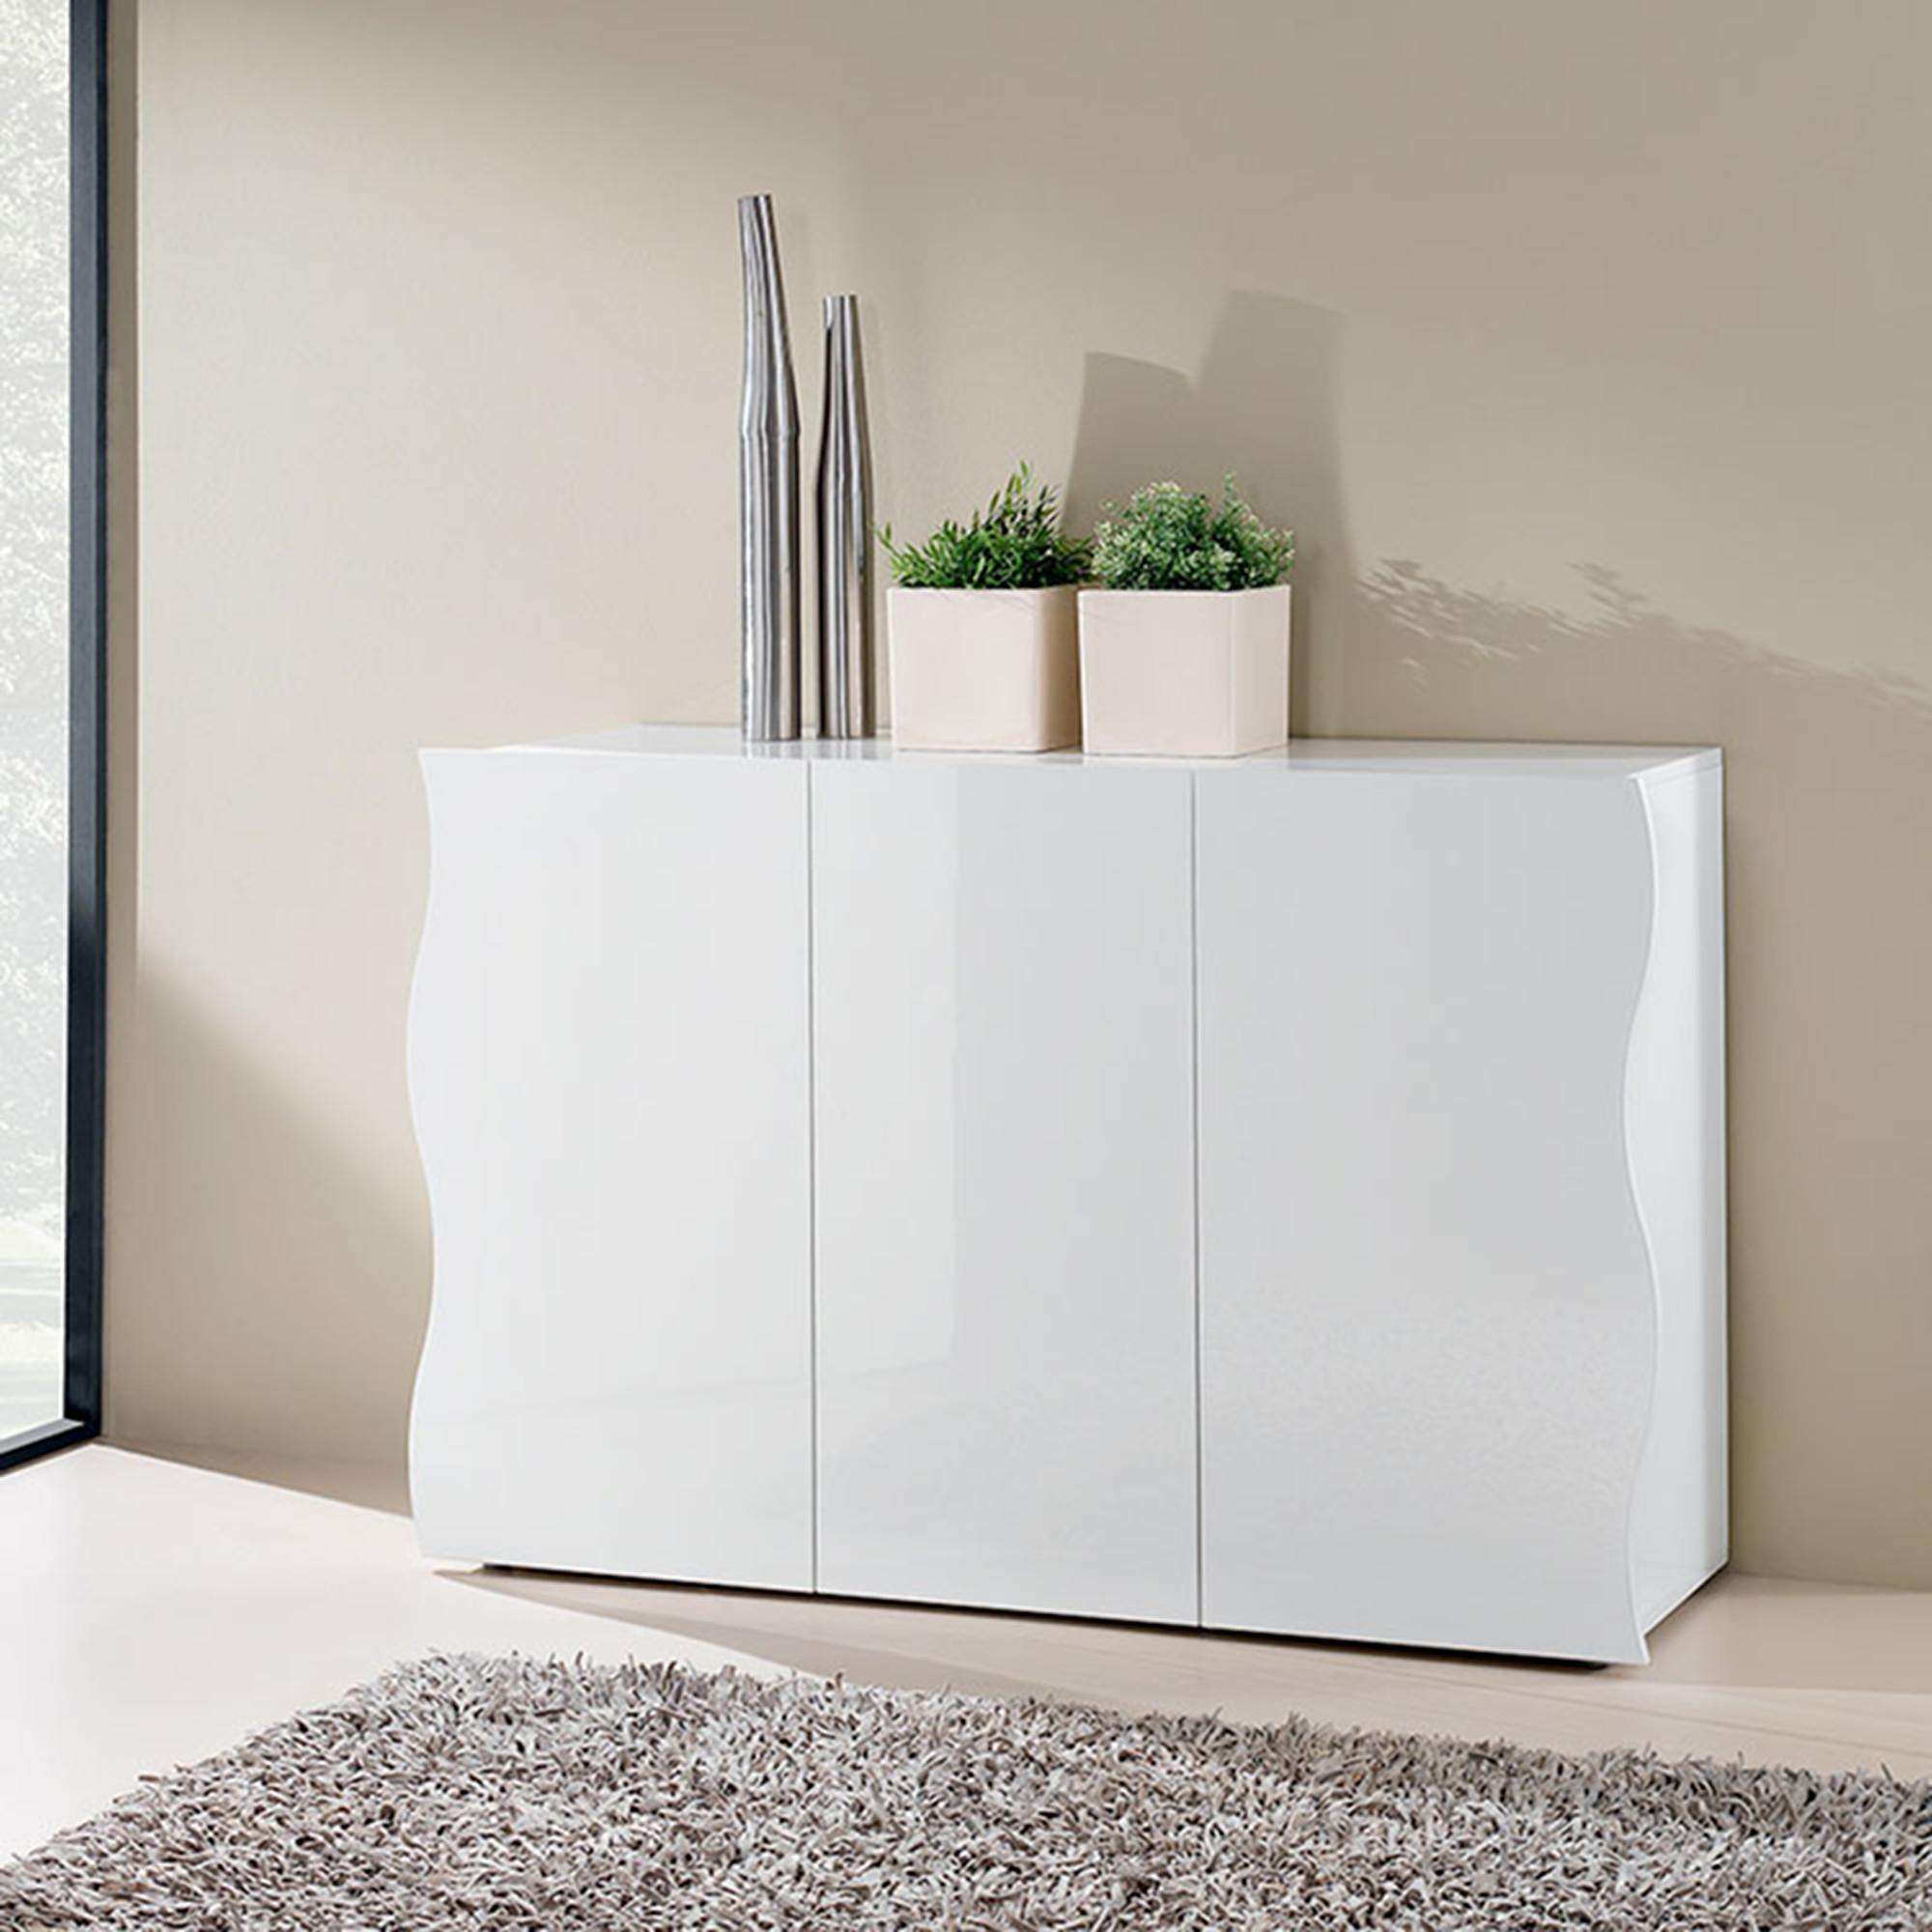 mobile soggiorno bianco laccato : Mobile bianco 3 ante ONDA laccato bianco Lucido larghezza 130 cm ...